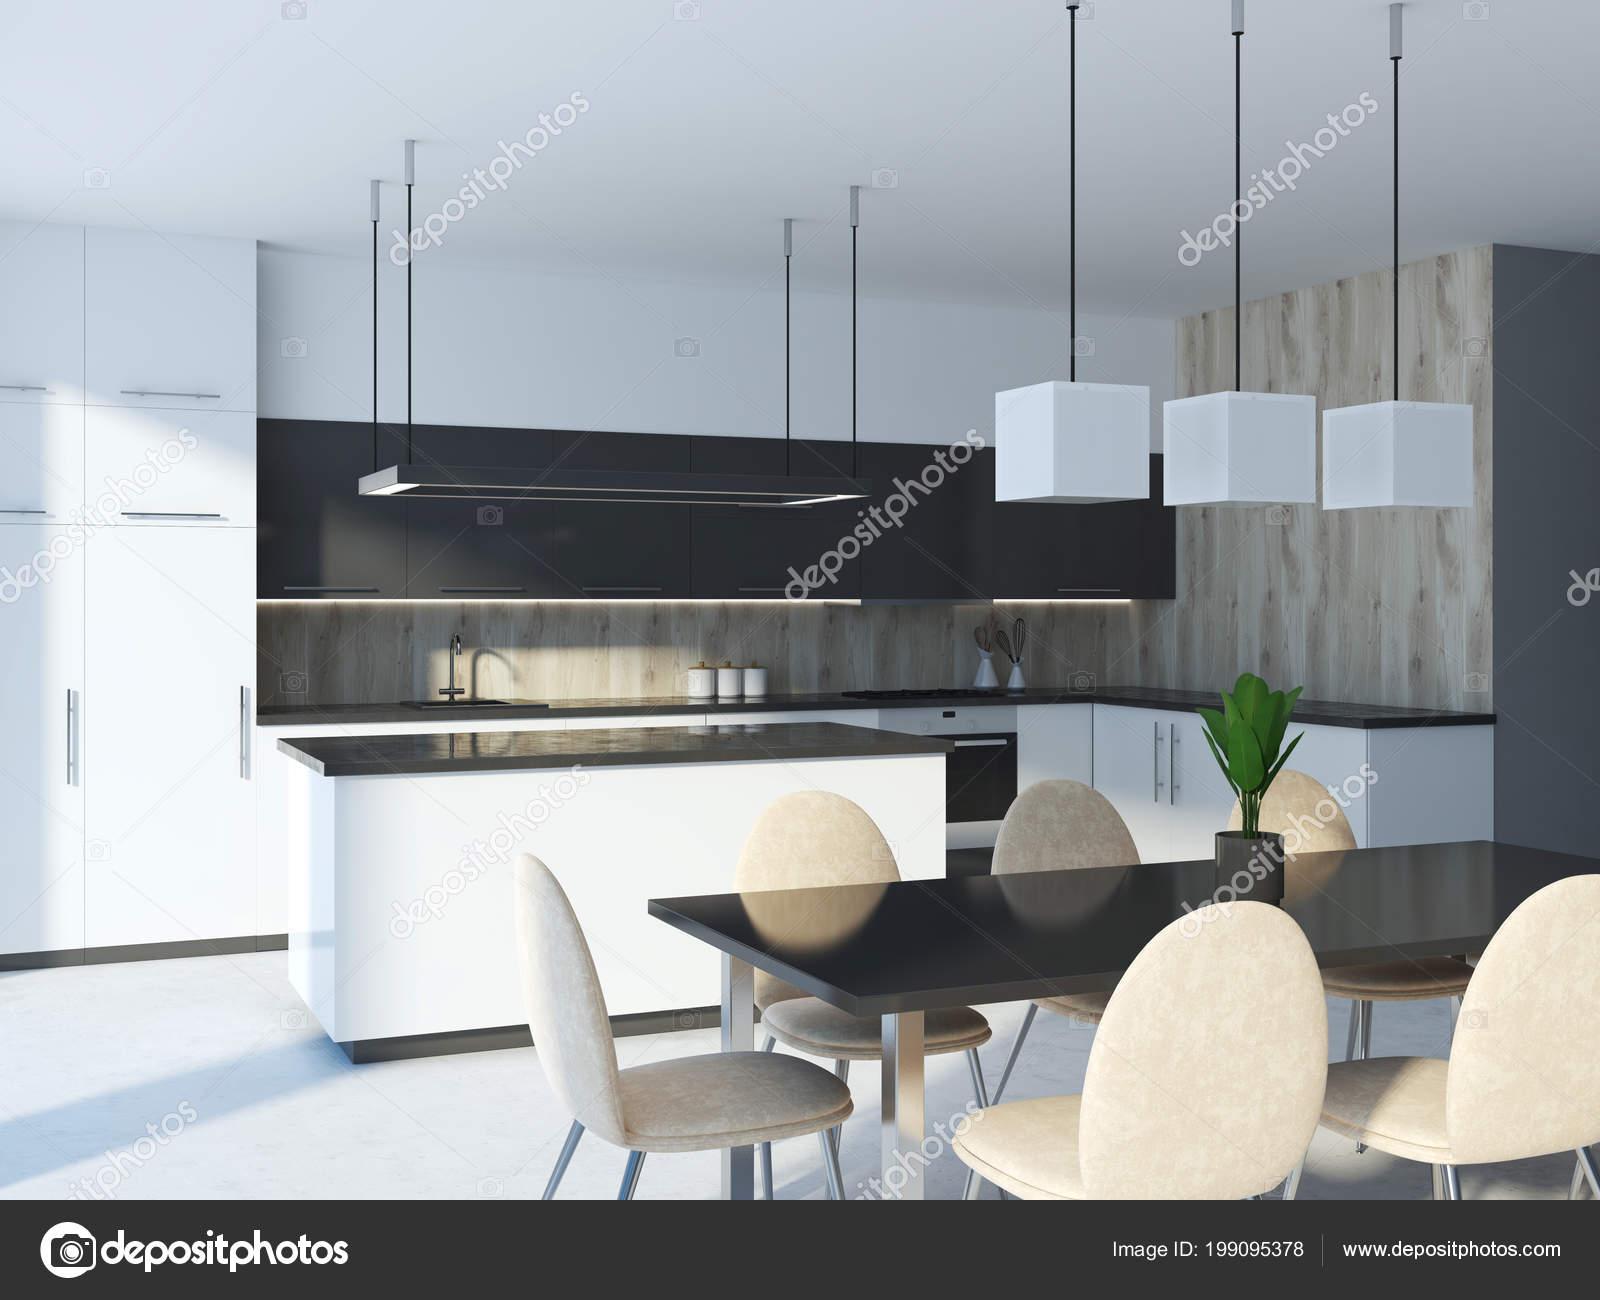 Images: kitchen islands | Black Kitchen Island Standing ...